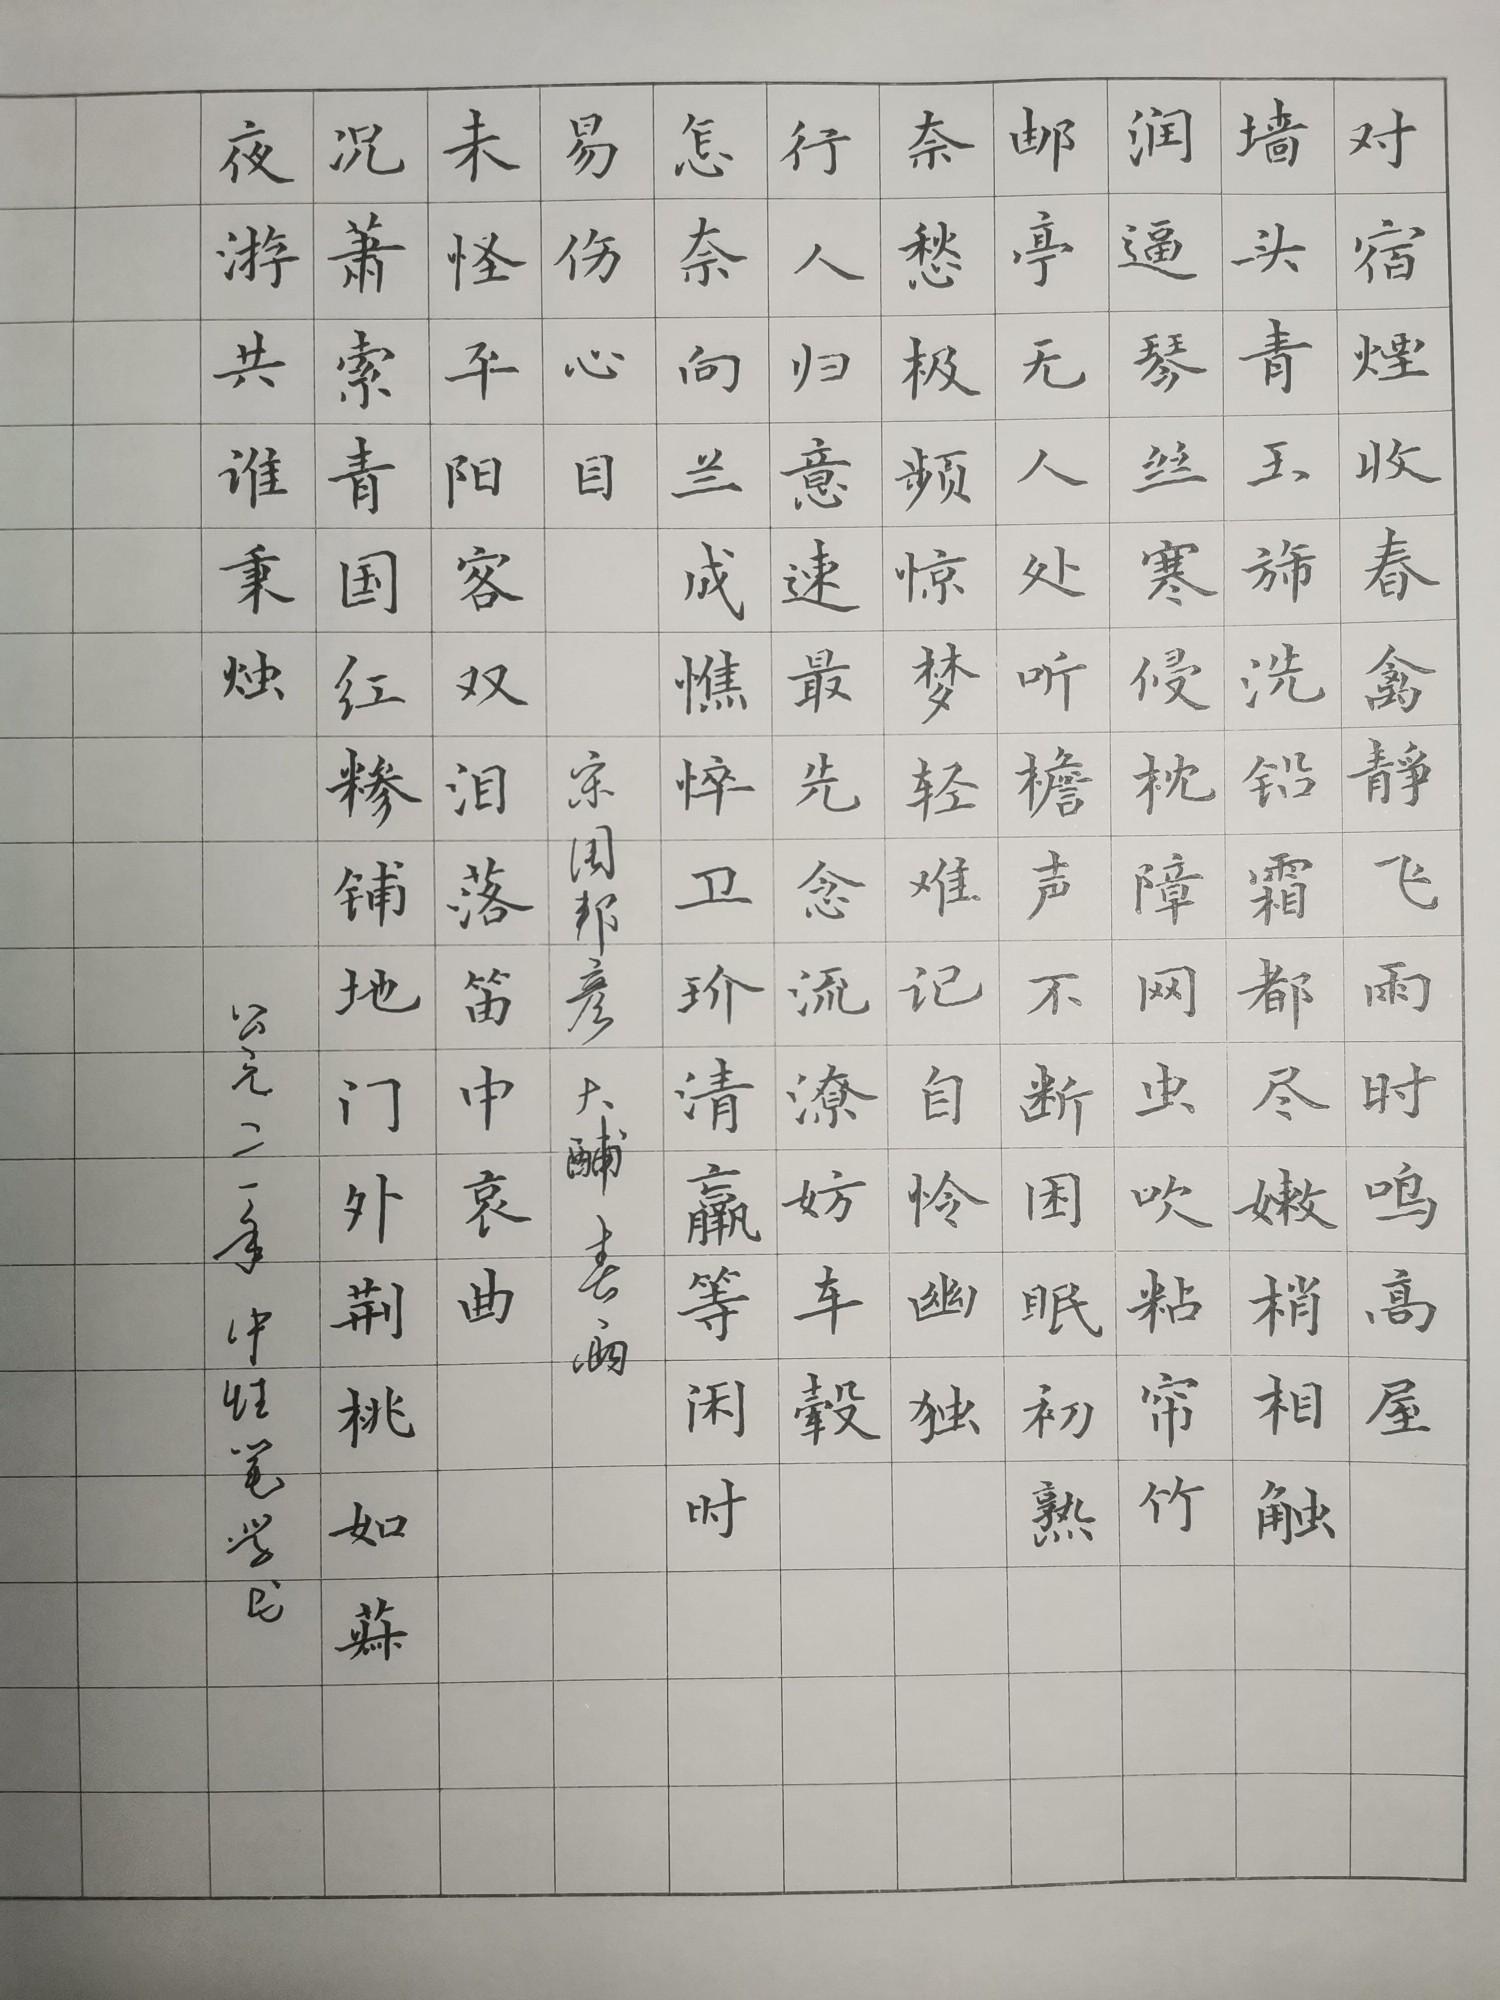 钢笔书法练字打卡20210629-02